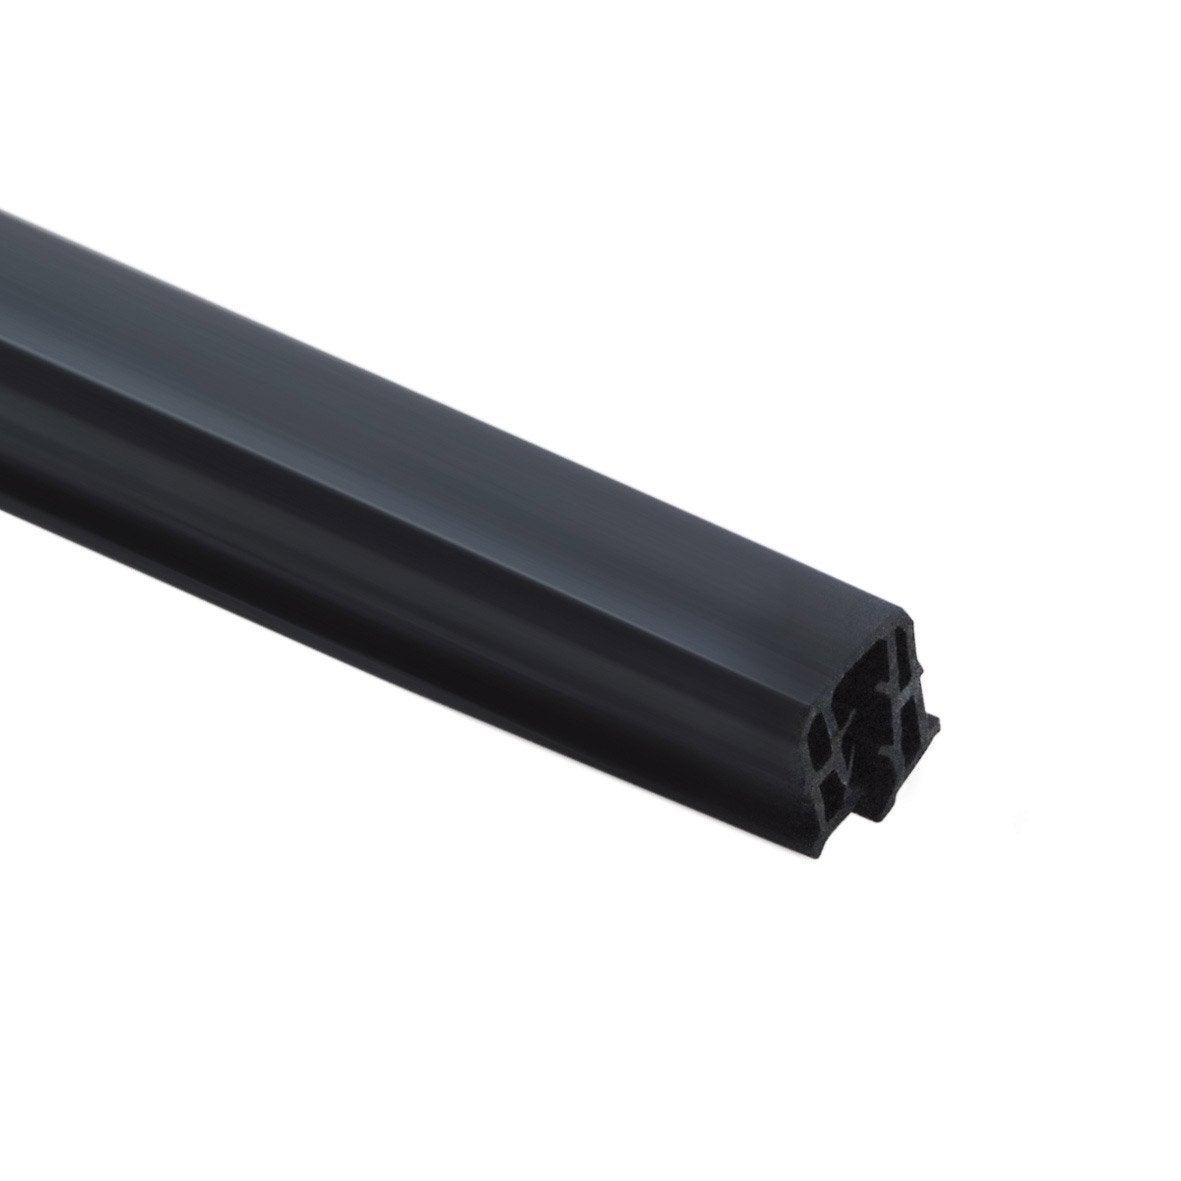 Joint acrylique pas cher avec leroy merlin brico depot - Joint acrylique leroy merlin ...